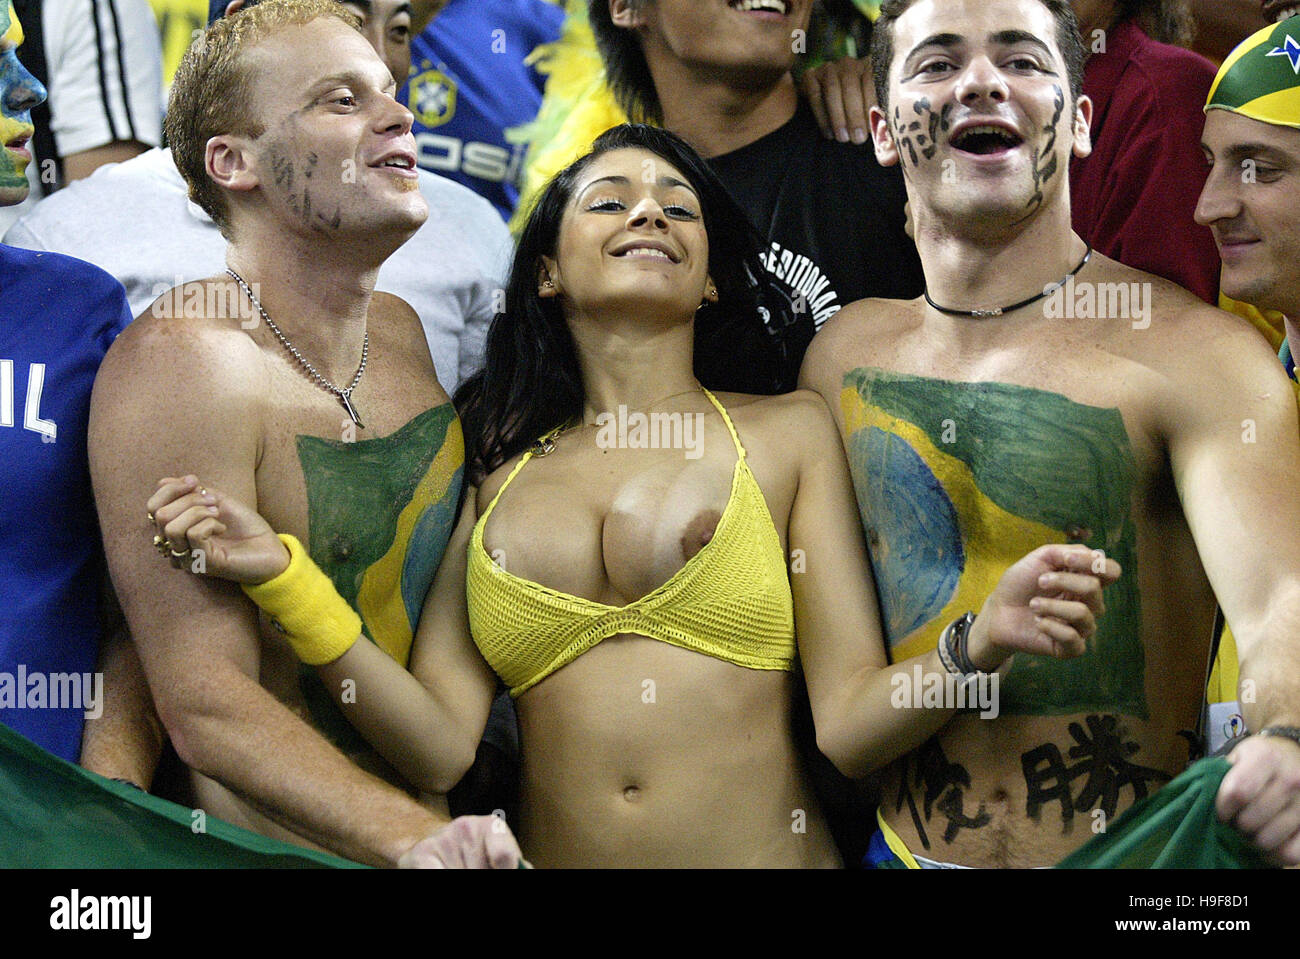 Hot Football Fans In Stadium